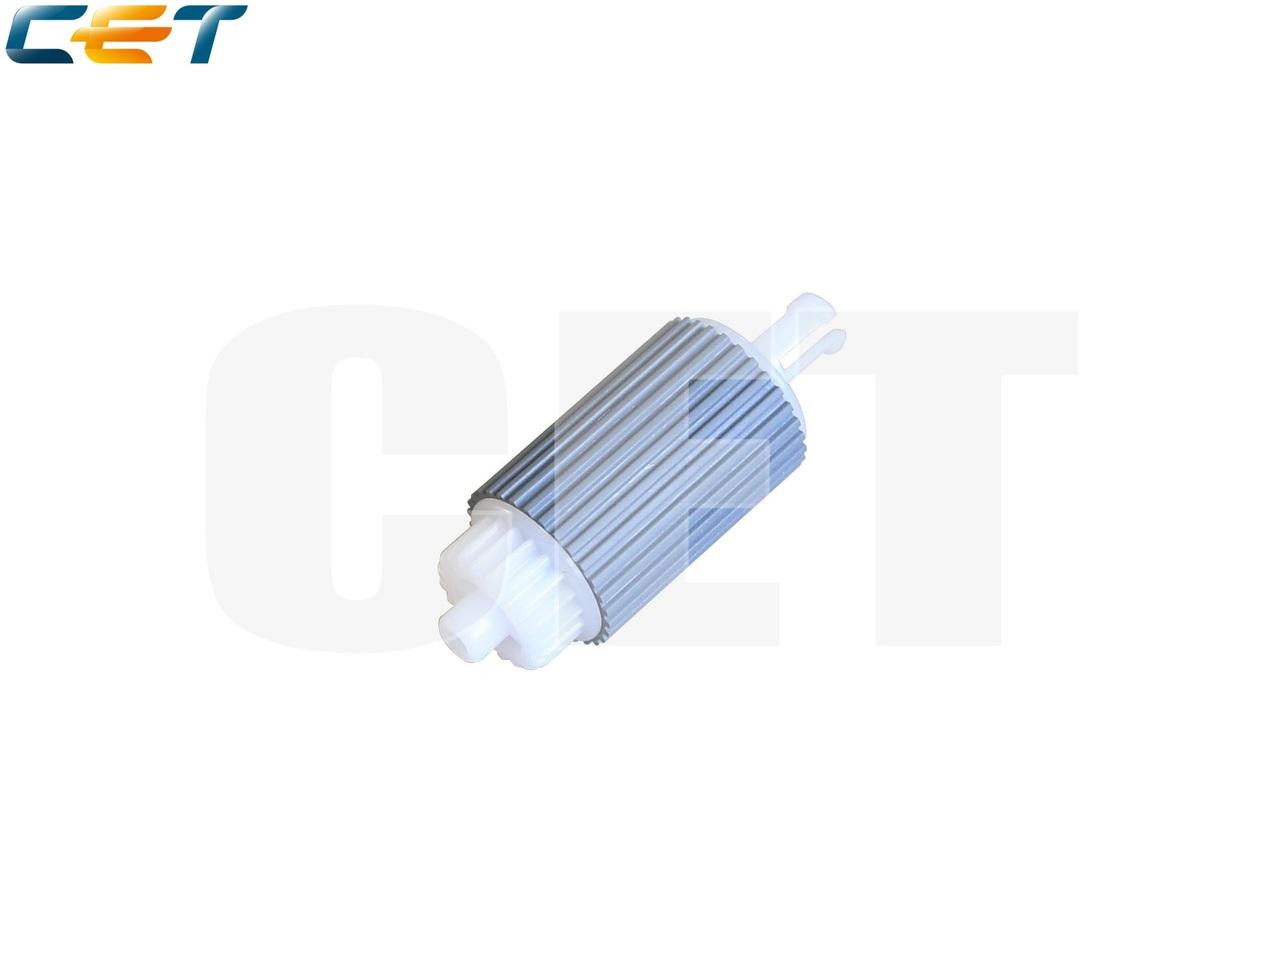 Ролик подхвата NROLR0054QSZ1 для SHARP AR-235/275(CET), CET5703